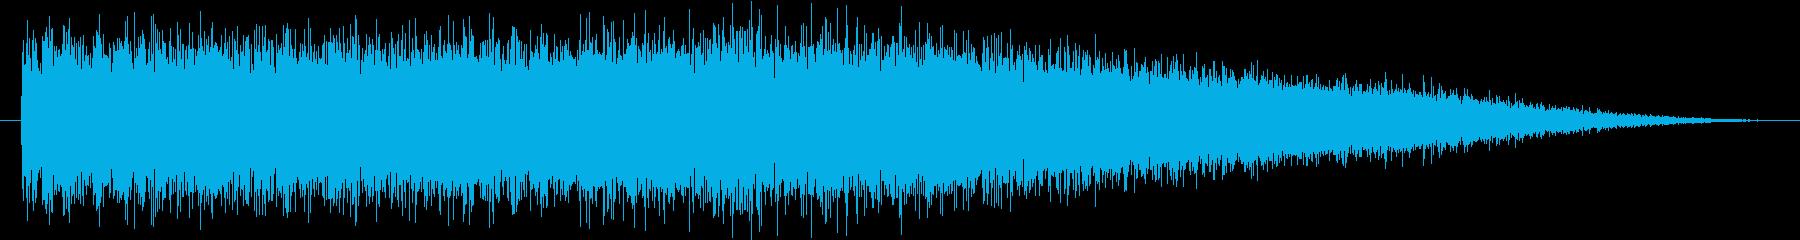 【生録音】ロードバイクのラチェット音の再生済みの波形